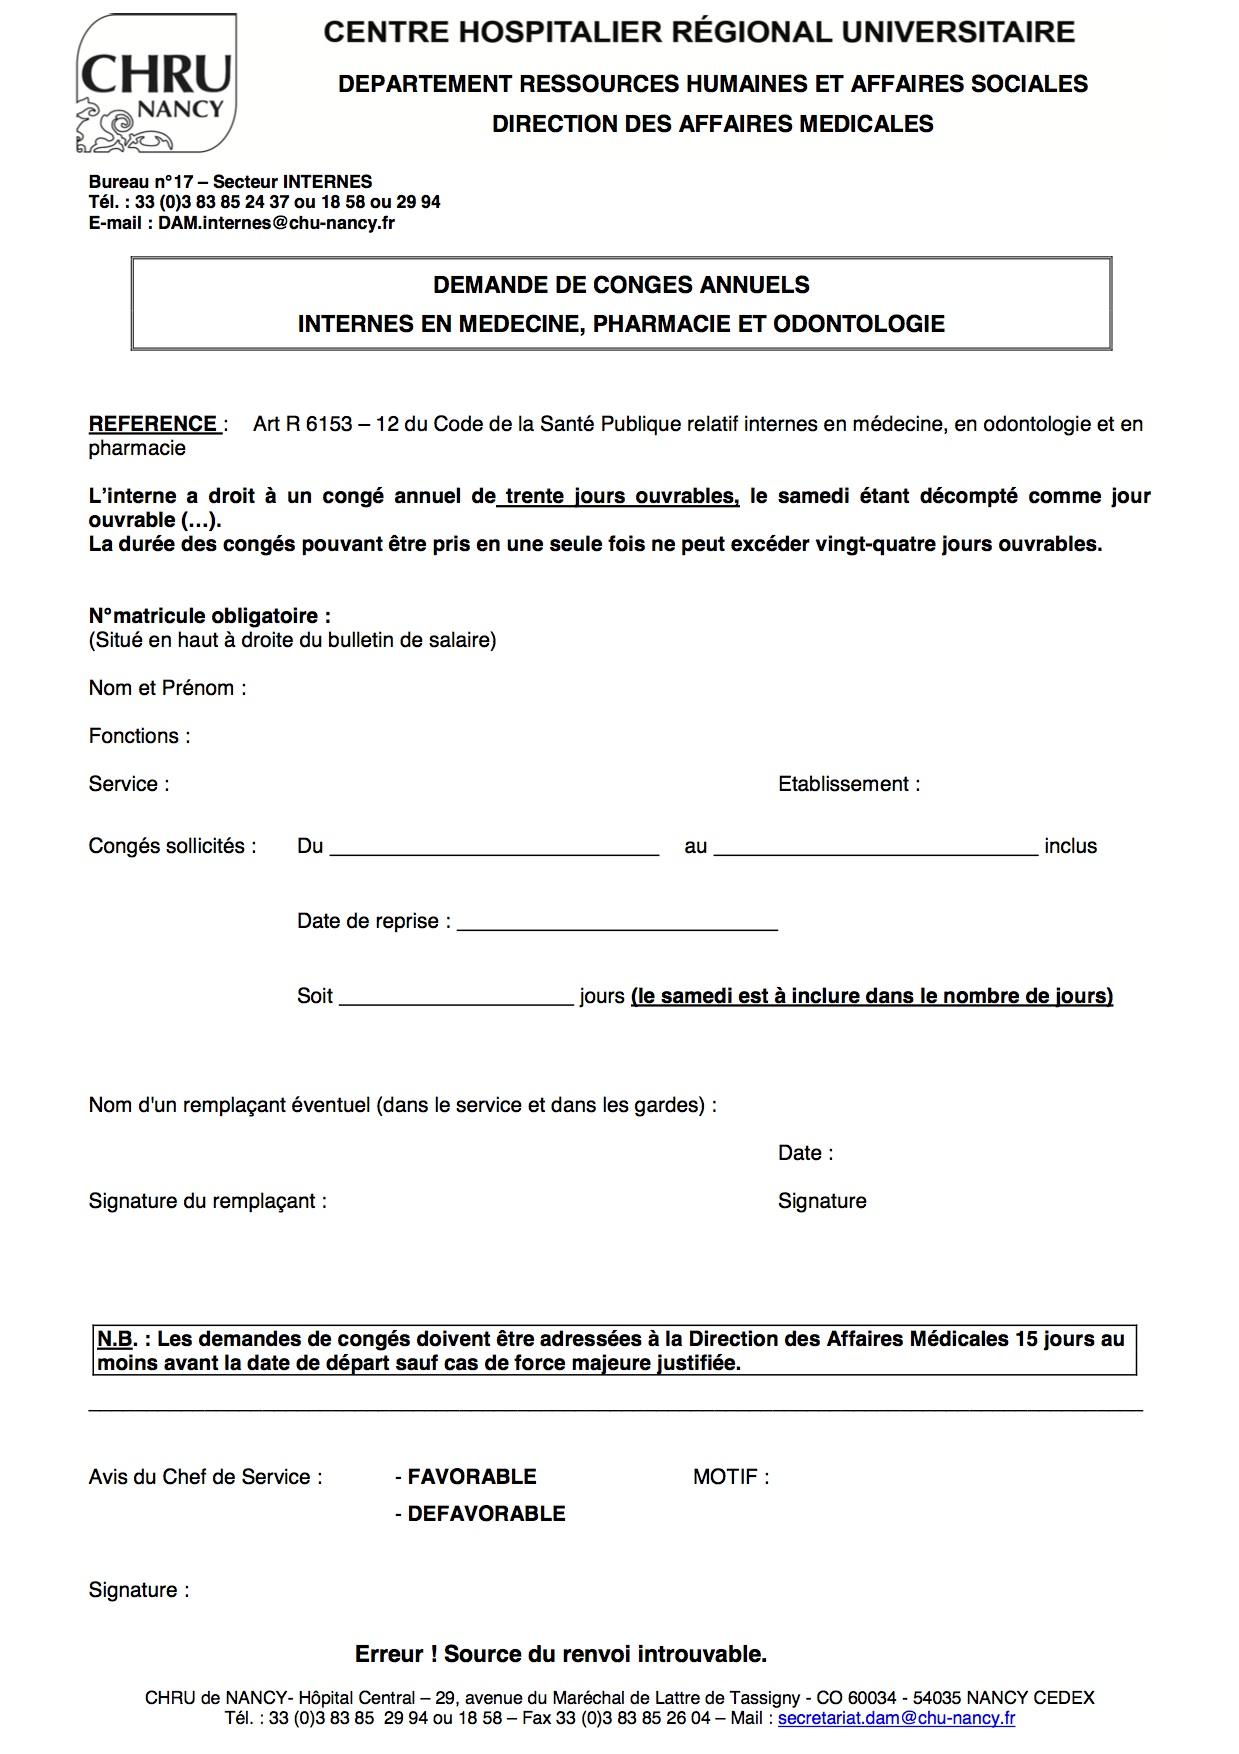 formulaire-conges-annuels-internes